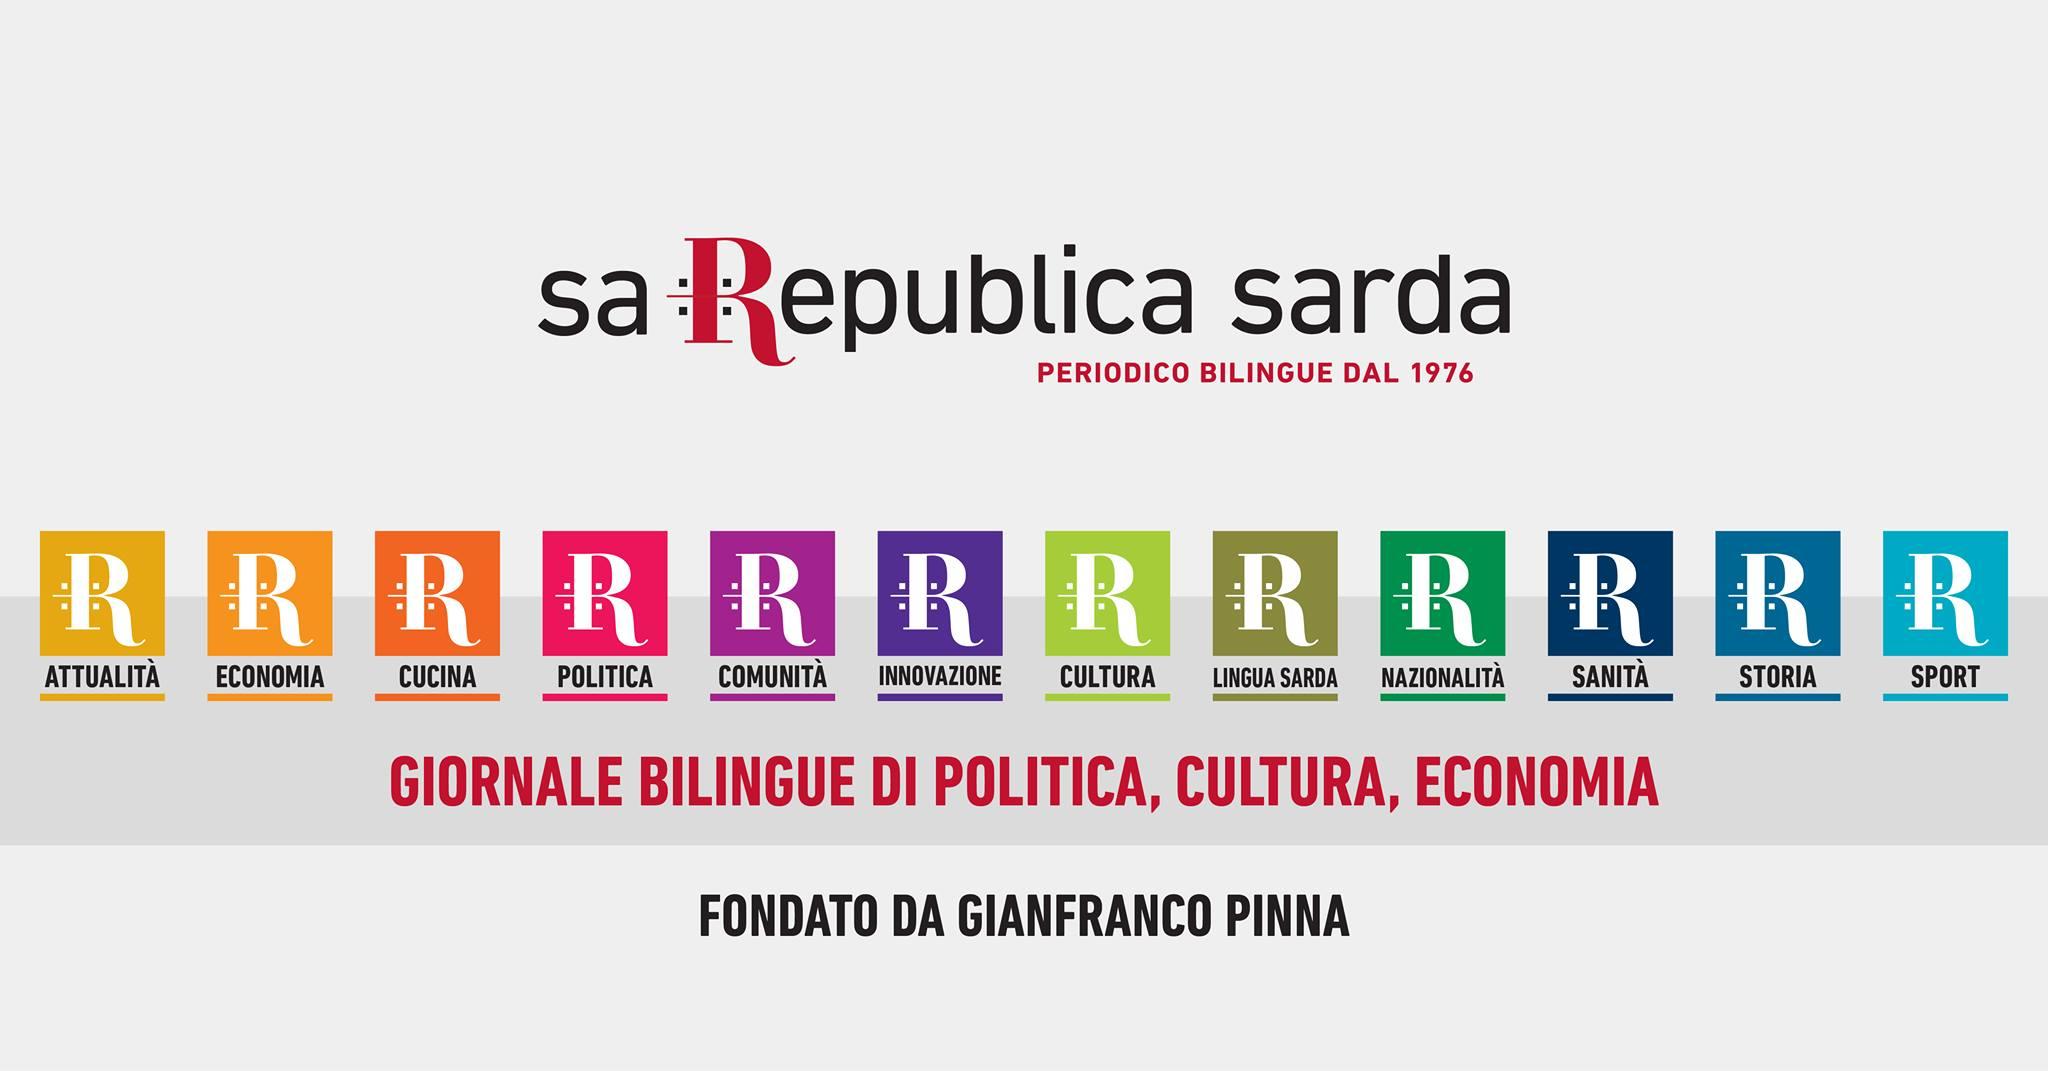 sito web • Sa Republica Sarda • periodico bilingue dal 1976